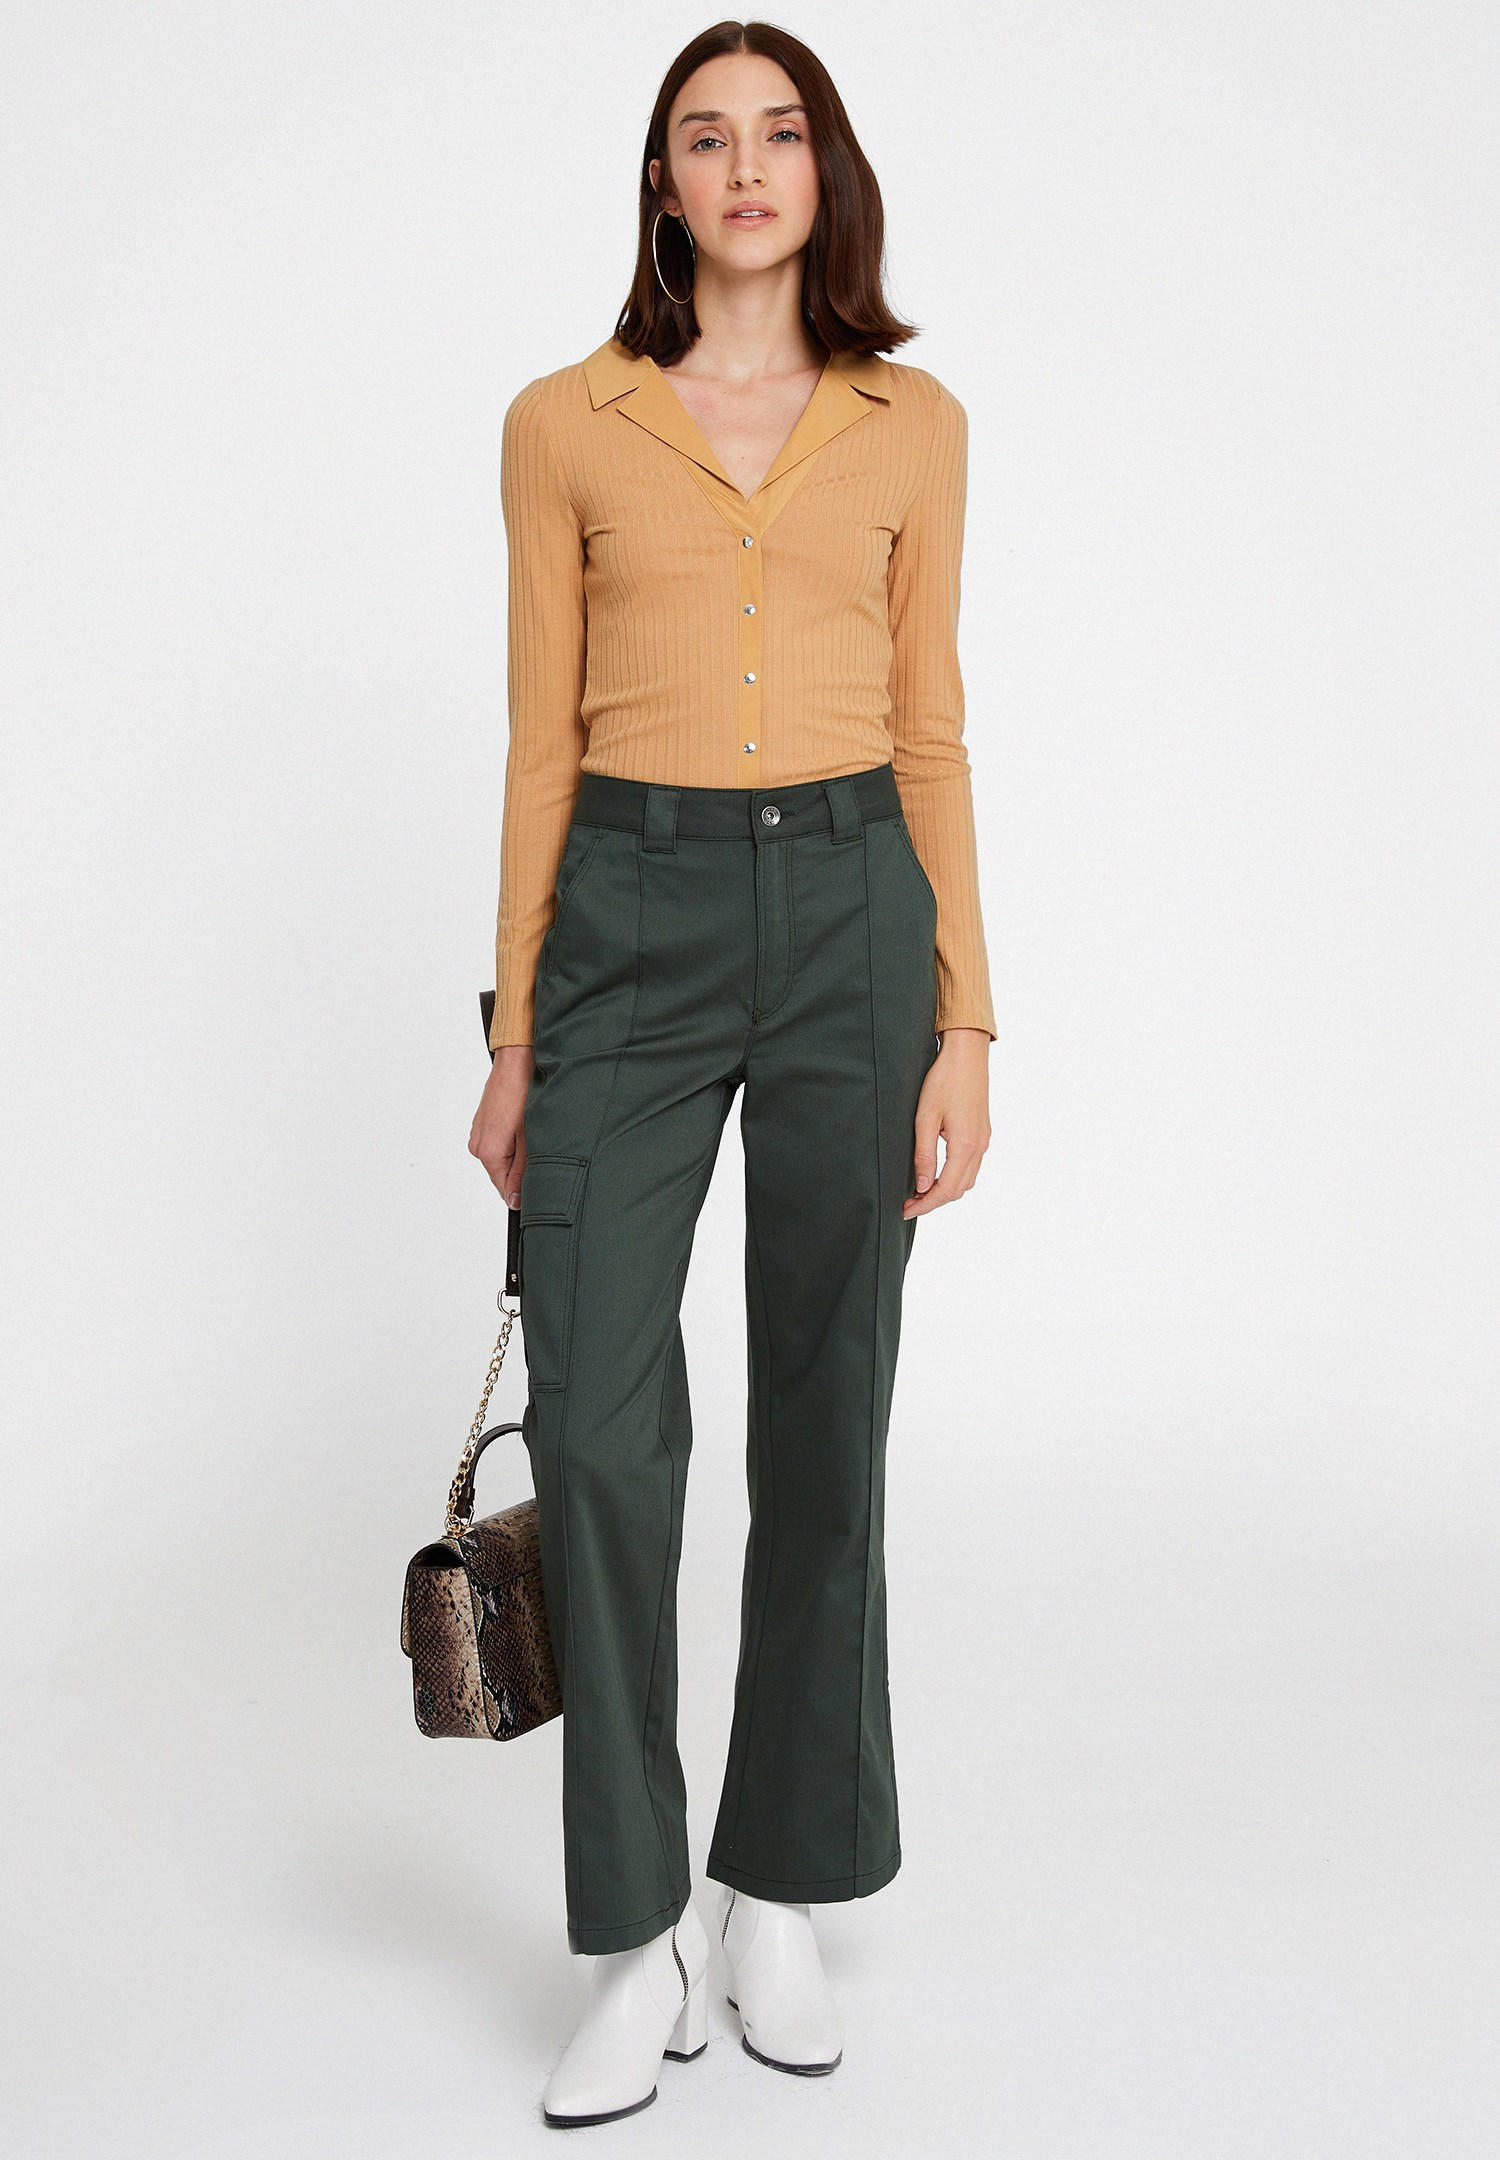 Bayan Yeşil Cepli Yüksek Bel Pantolon